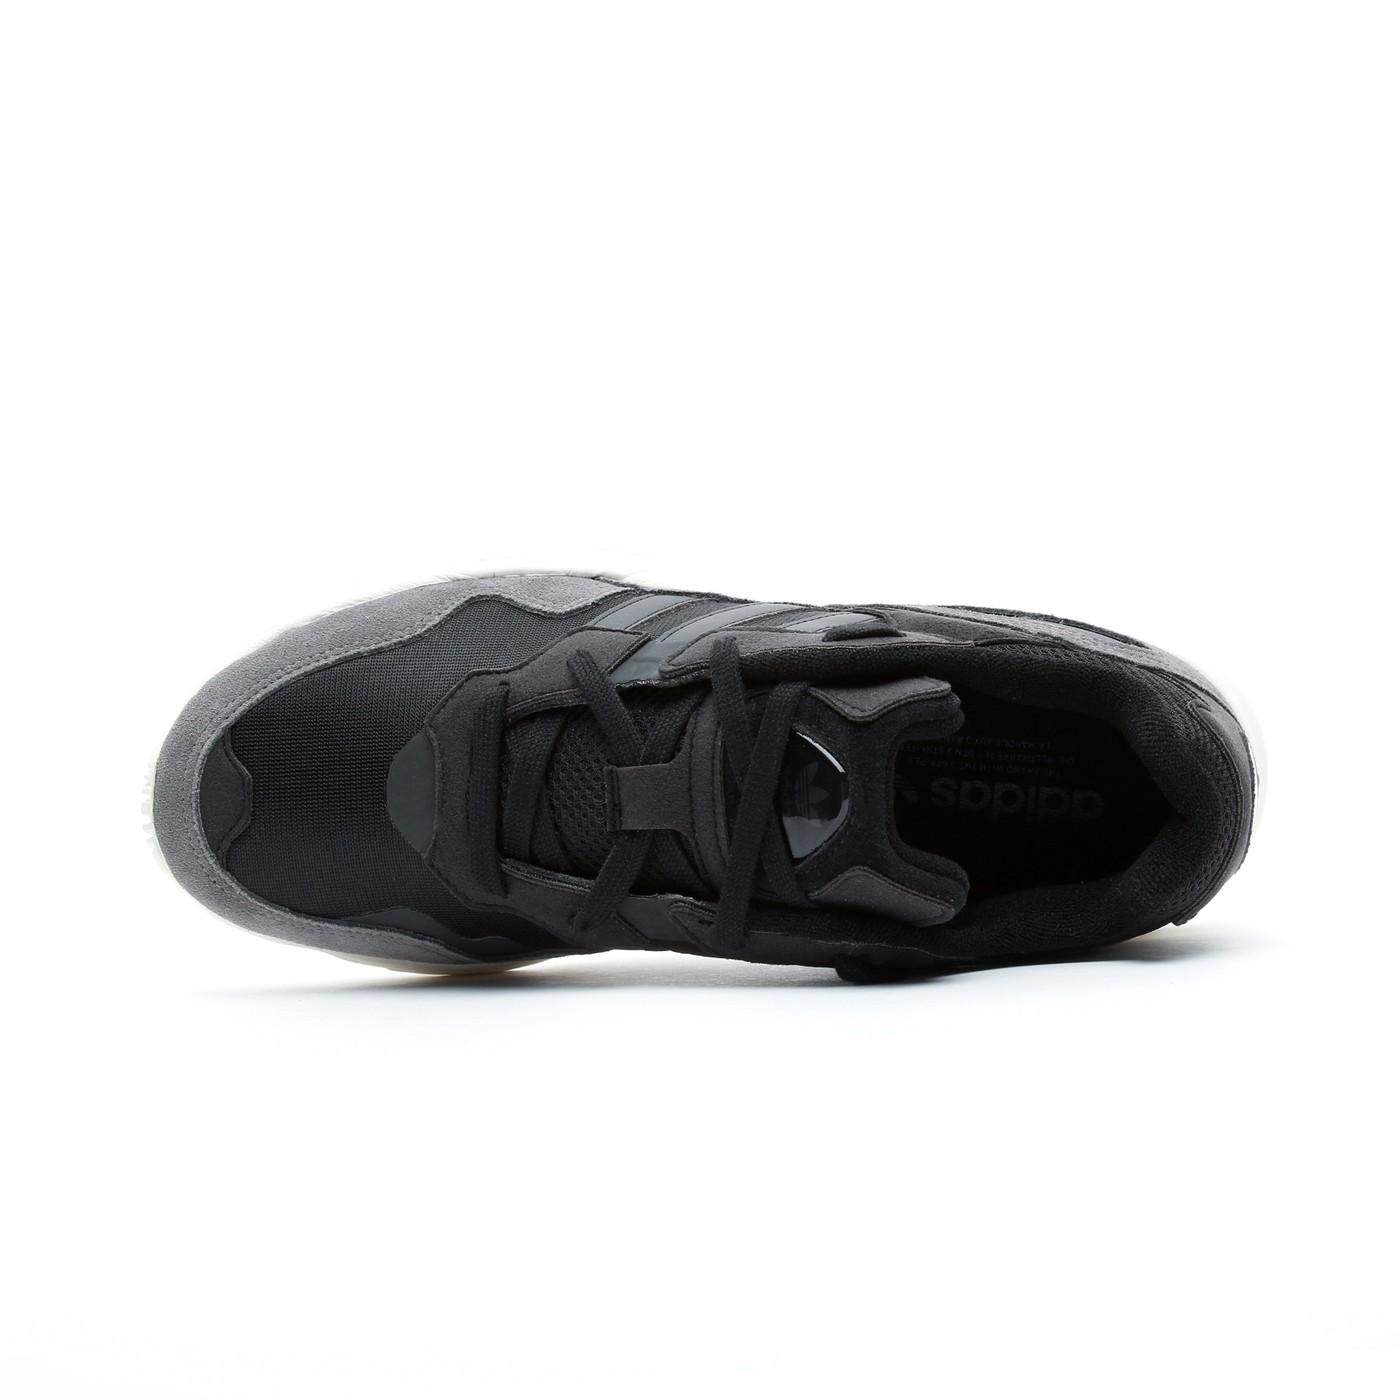 adidas Yung-96 Siyah Erkek Spor Ayakkabı